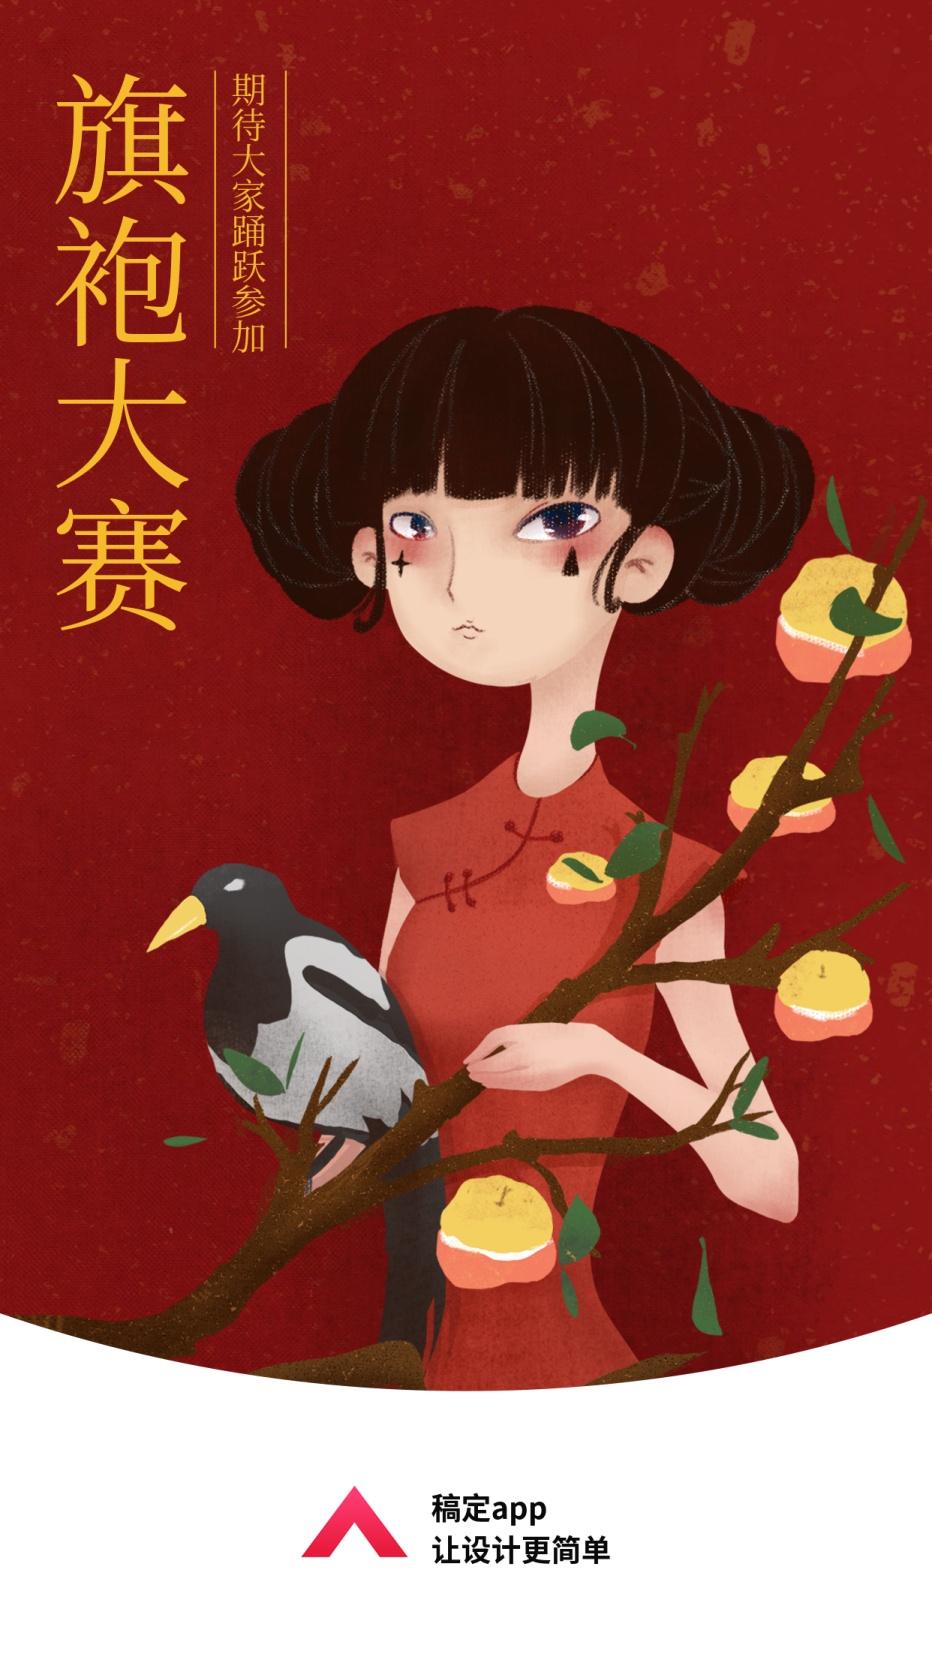 旗袍比赛/中国风插画/手机海报